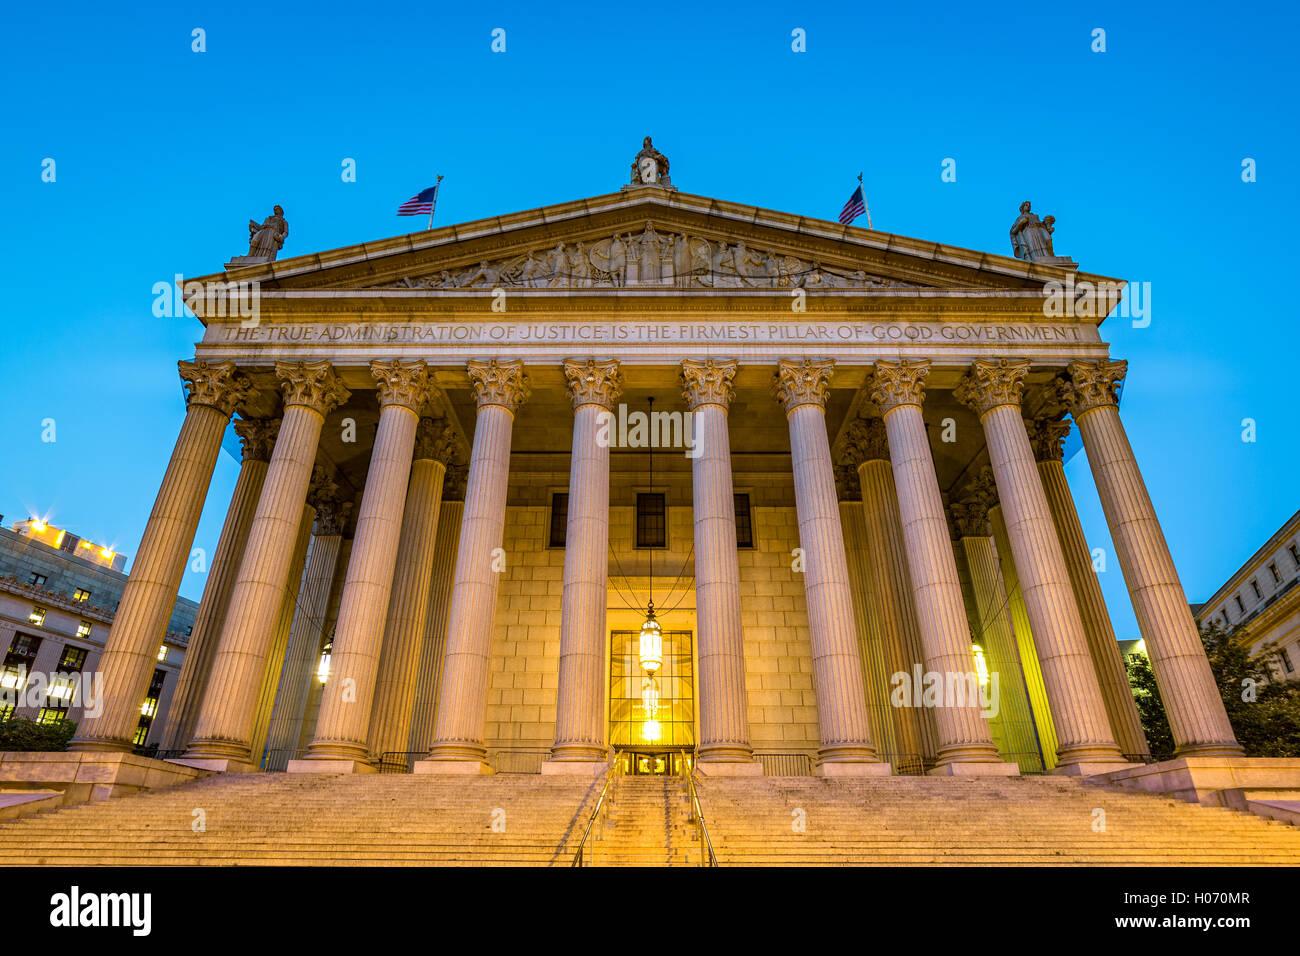 L'édifice de la Cour suprême de l'Etat de New York situé dans le quartier de Civic Center Photo Stock